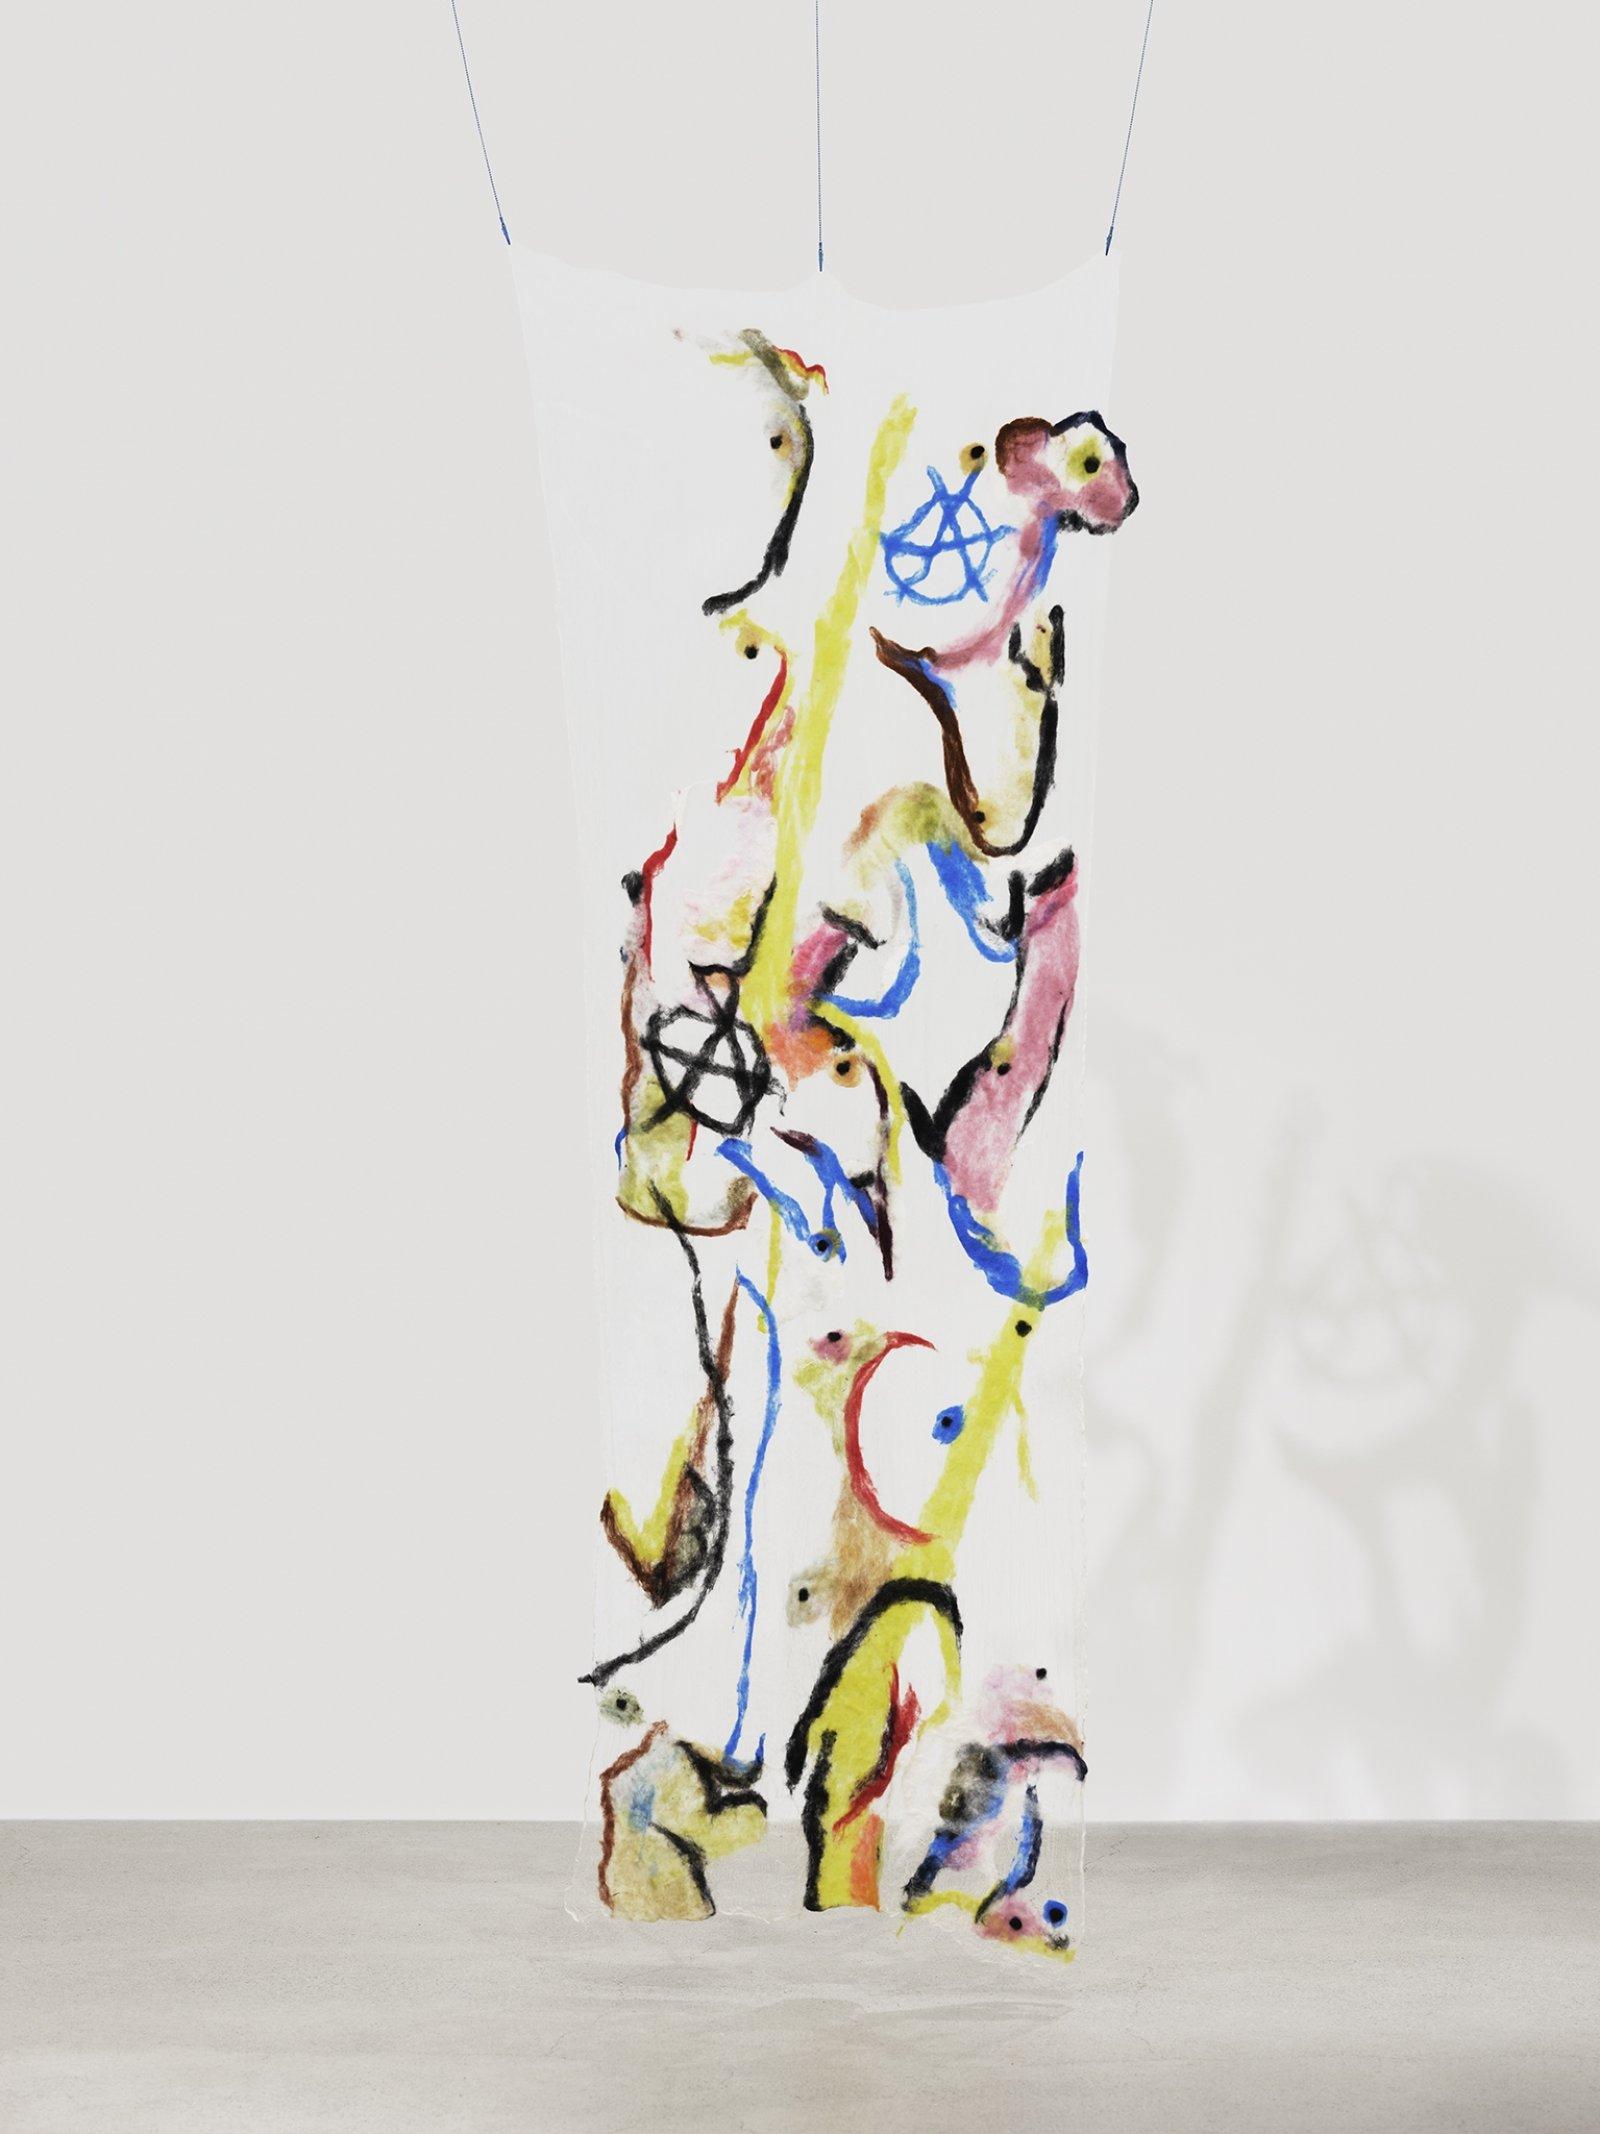 Rebecca Brewer, Scrim: Mutiny, 2019, silk, wool, ball chain, alligator clips, hooks, 108 x 39 in. (274 x 99 cm)